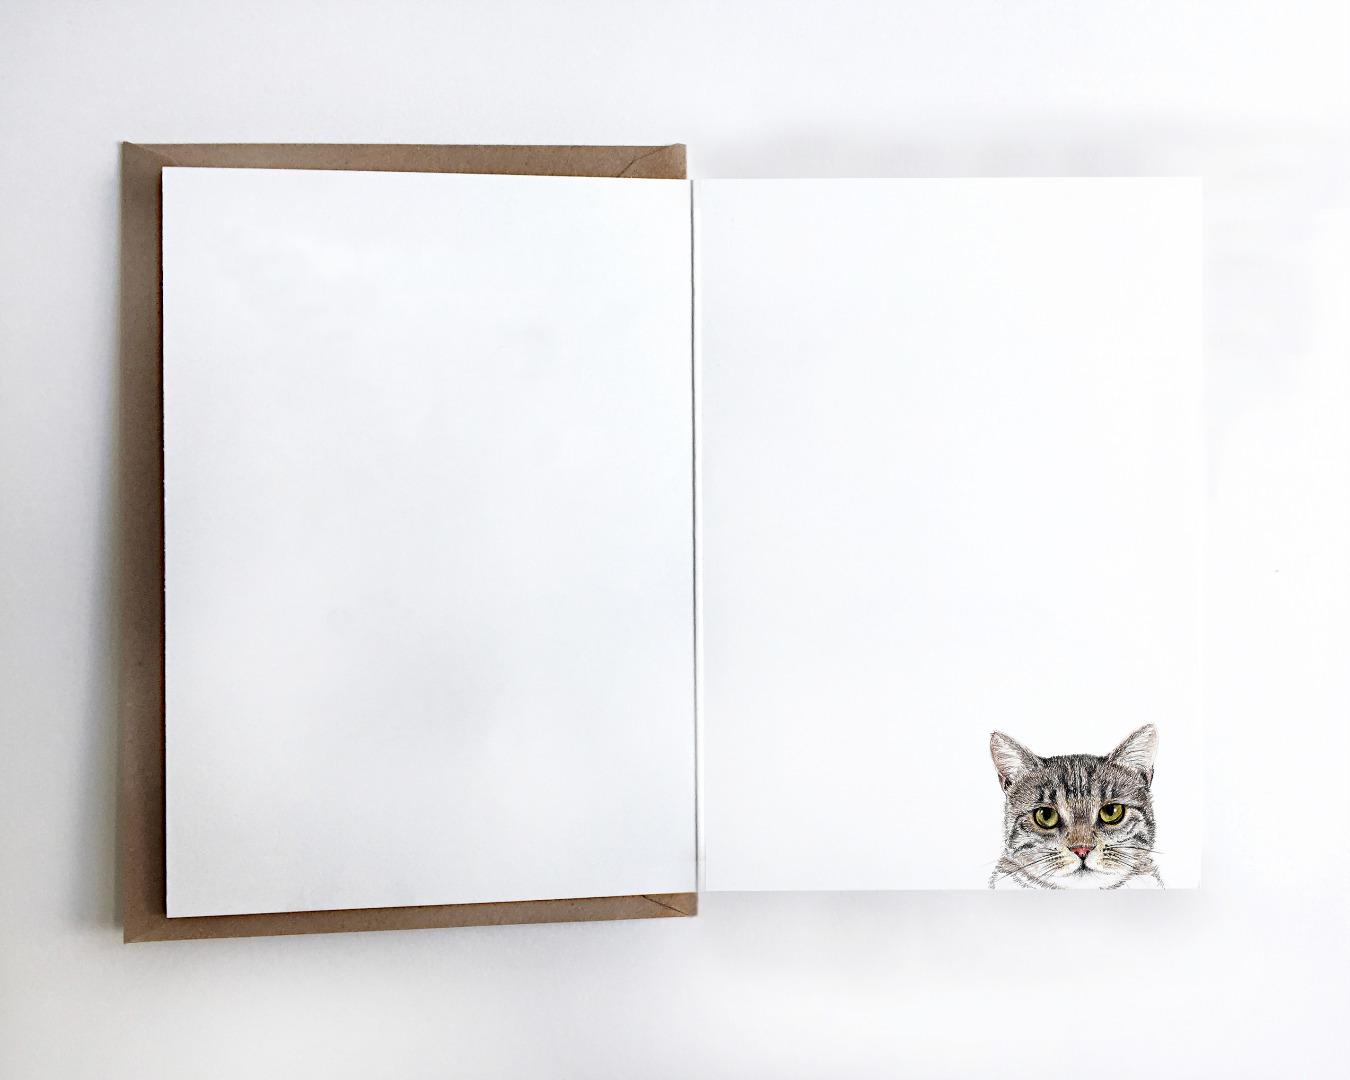 Grußkarte Spacecat, Geburtstagskarte, Karte mit Katze im Weltall - 3